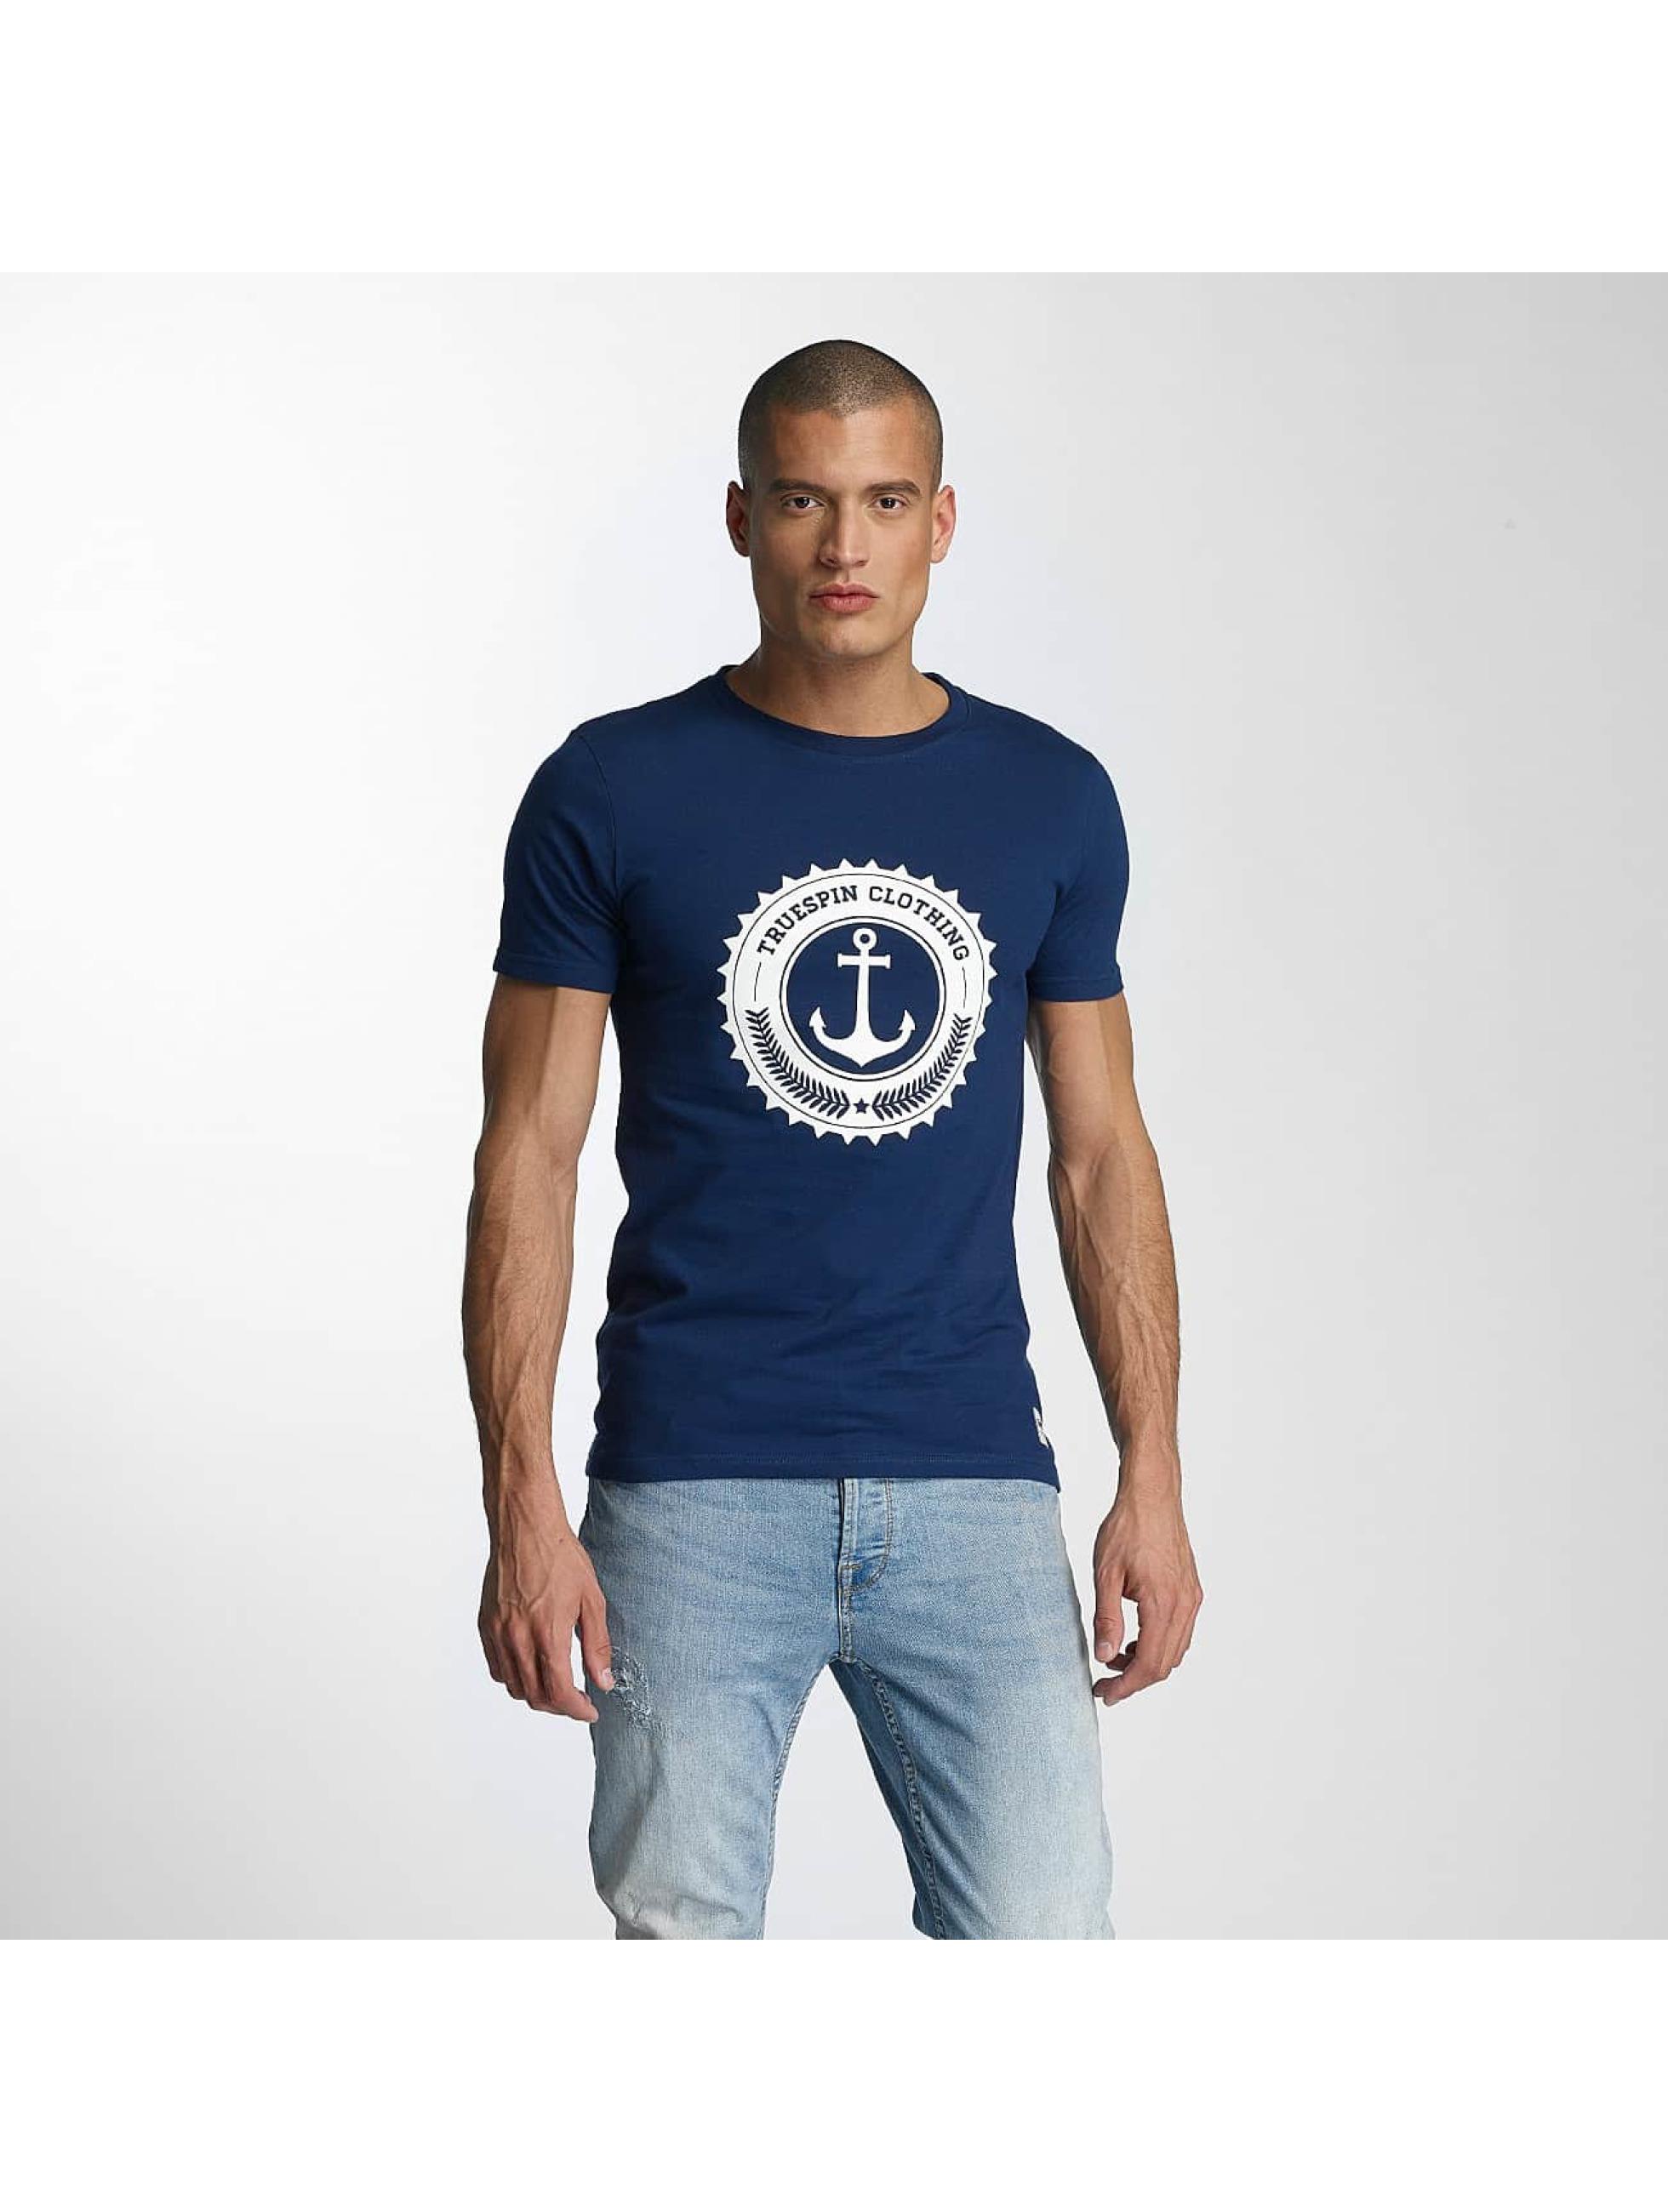 TrueSpin t-shirt 2 blauw